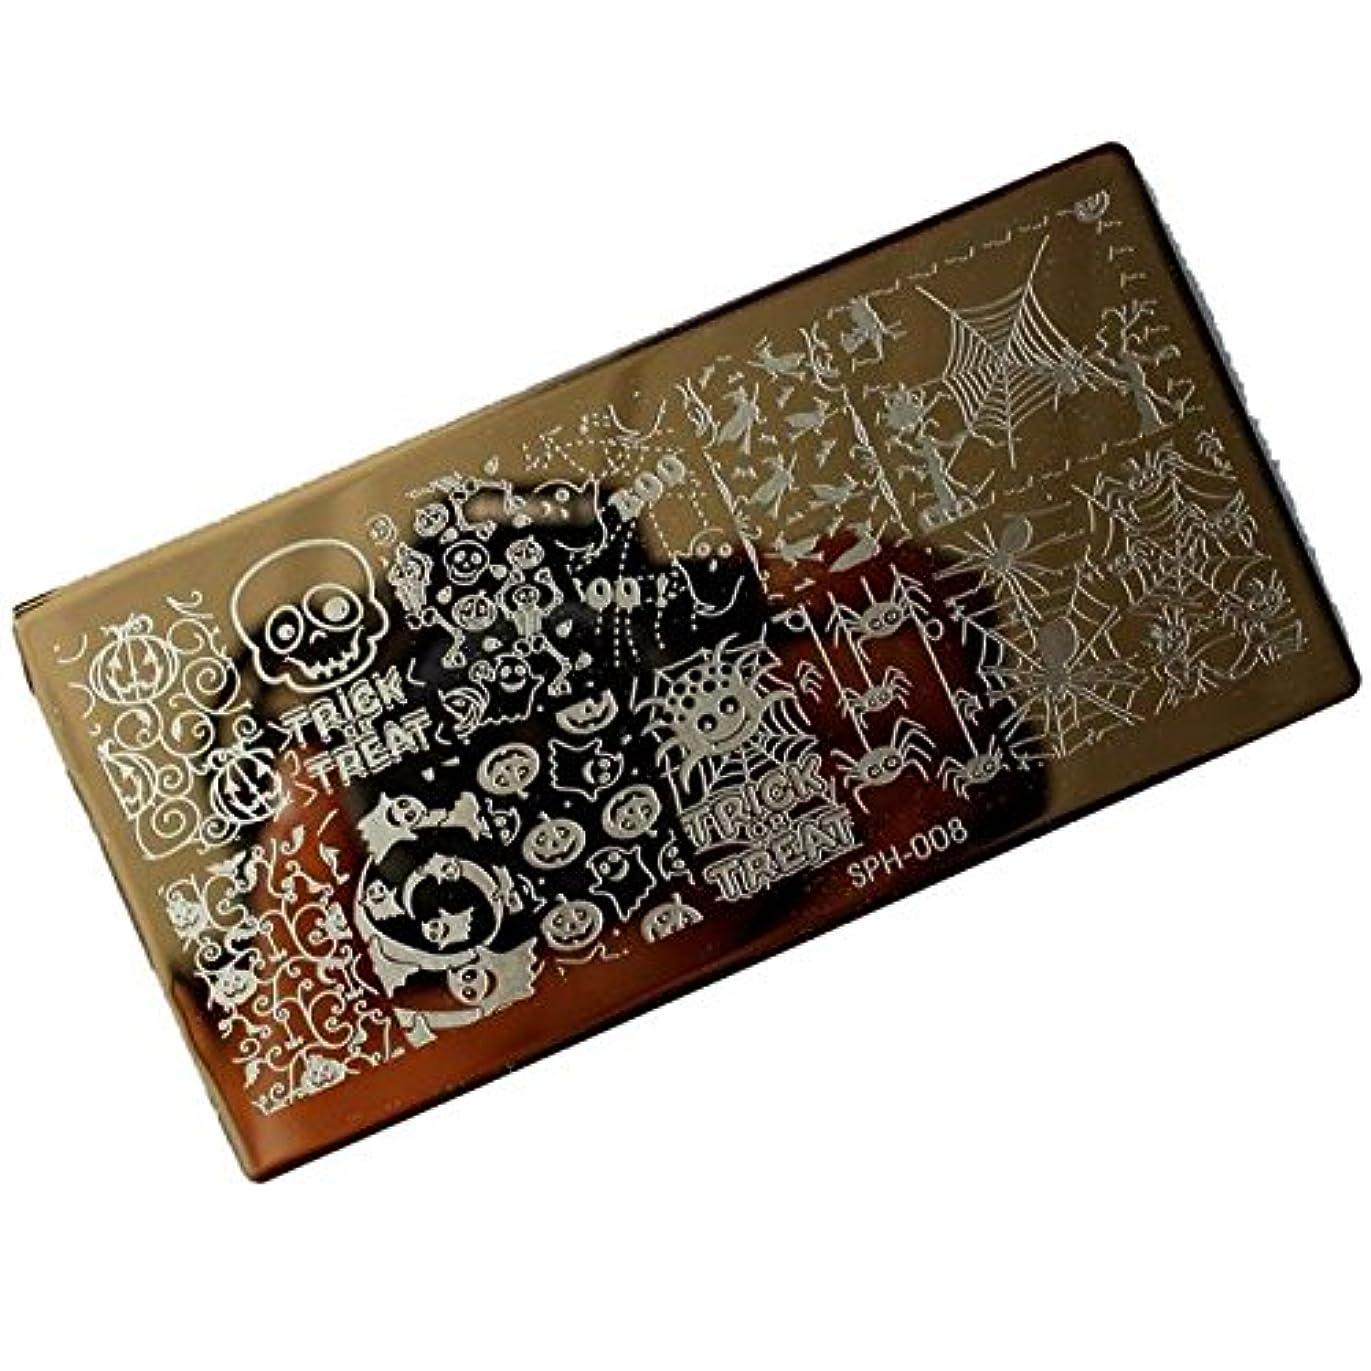 カウンタランプ判定[ルテンズ] スタンピングプレートセット 花柄 クリスマス ネイルプレート ネイルアートツール ネイルプレート ネイルスタンパー ネイルスタンプ スタンプネイル ネイルデザイン用品